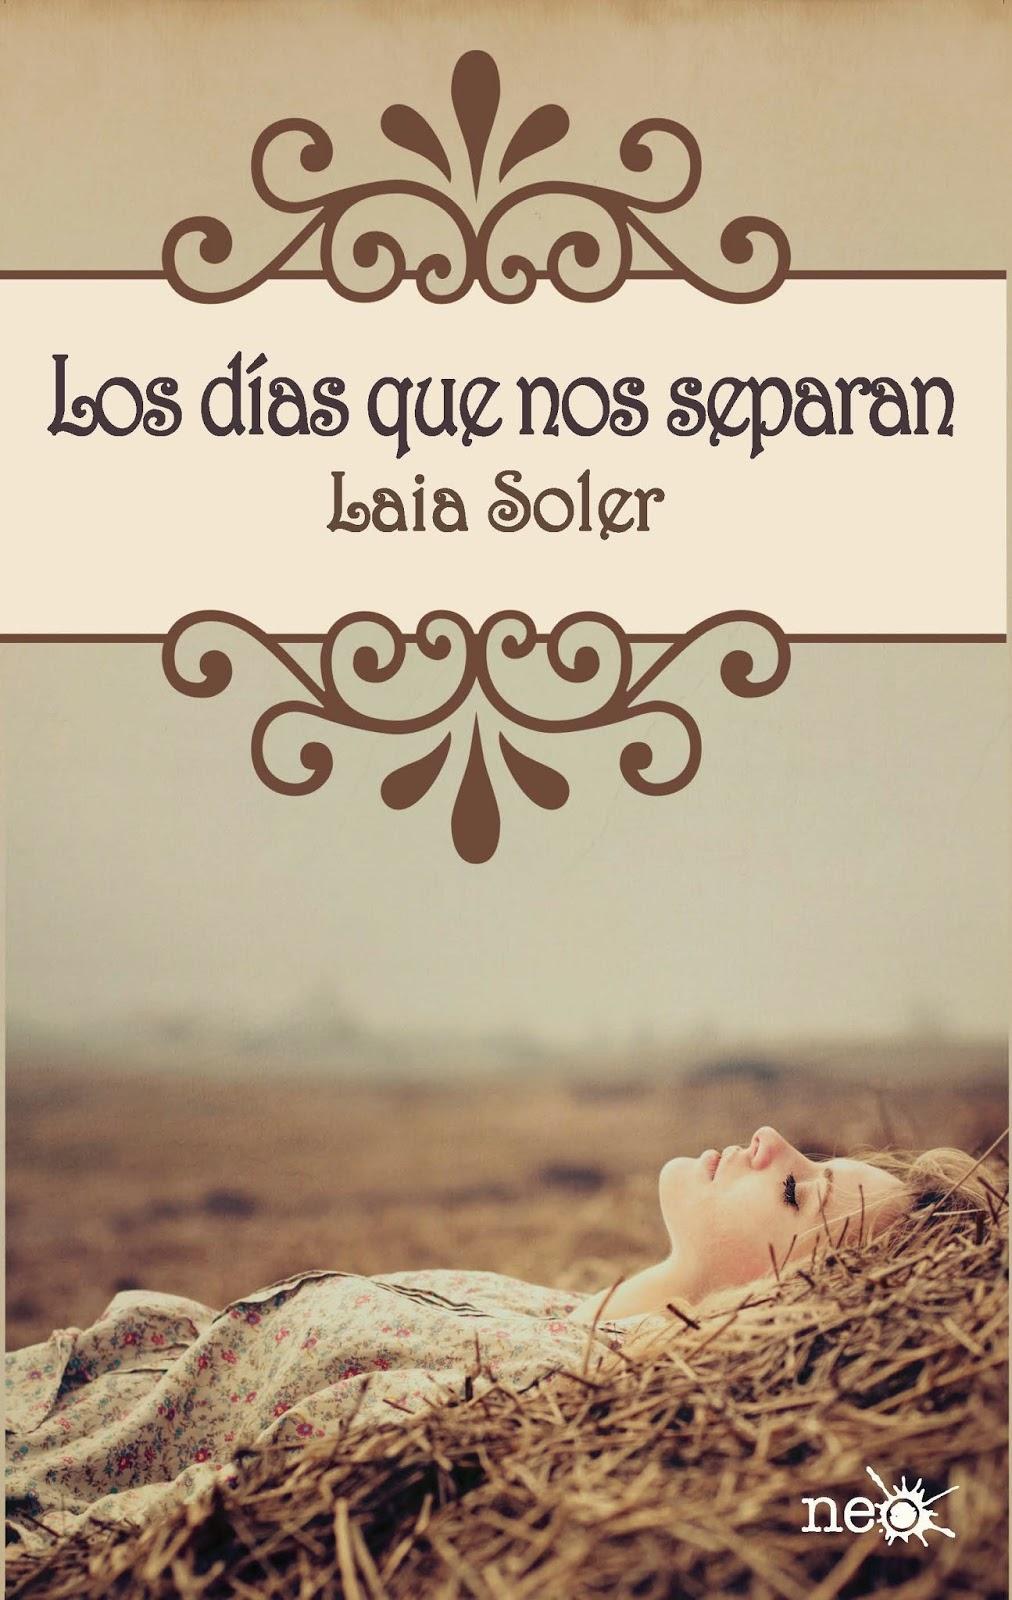 http://labibliotecadebella.blogspot.com.es/2015/06/los-dias-que-nos-separan-laia-soler.html